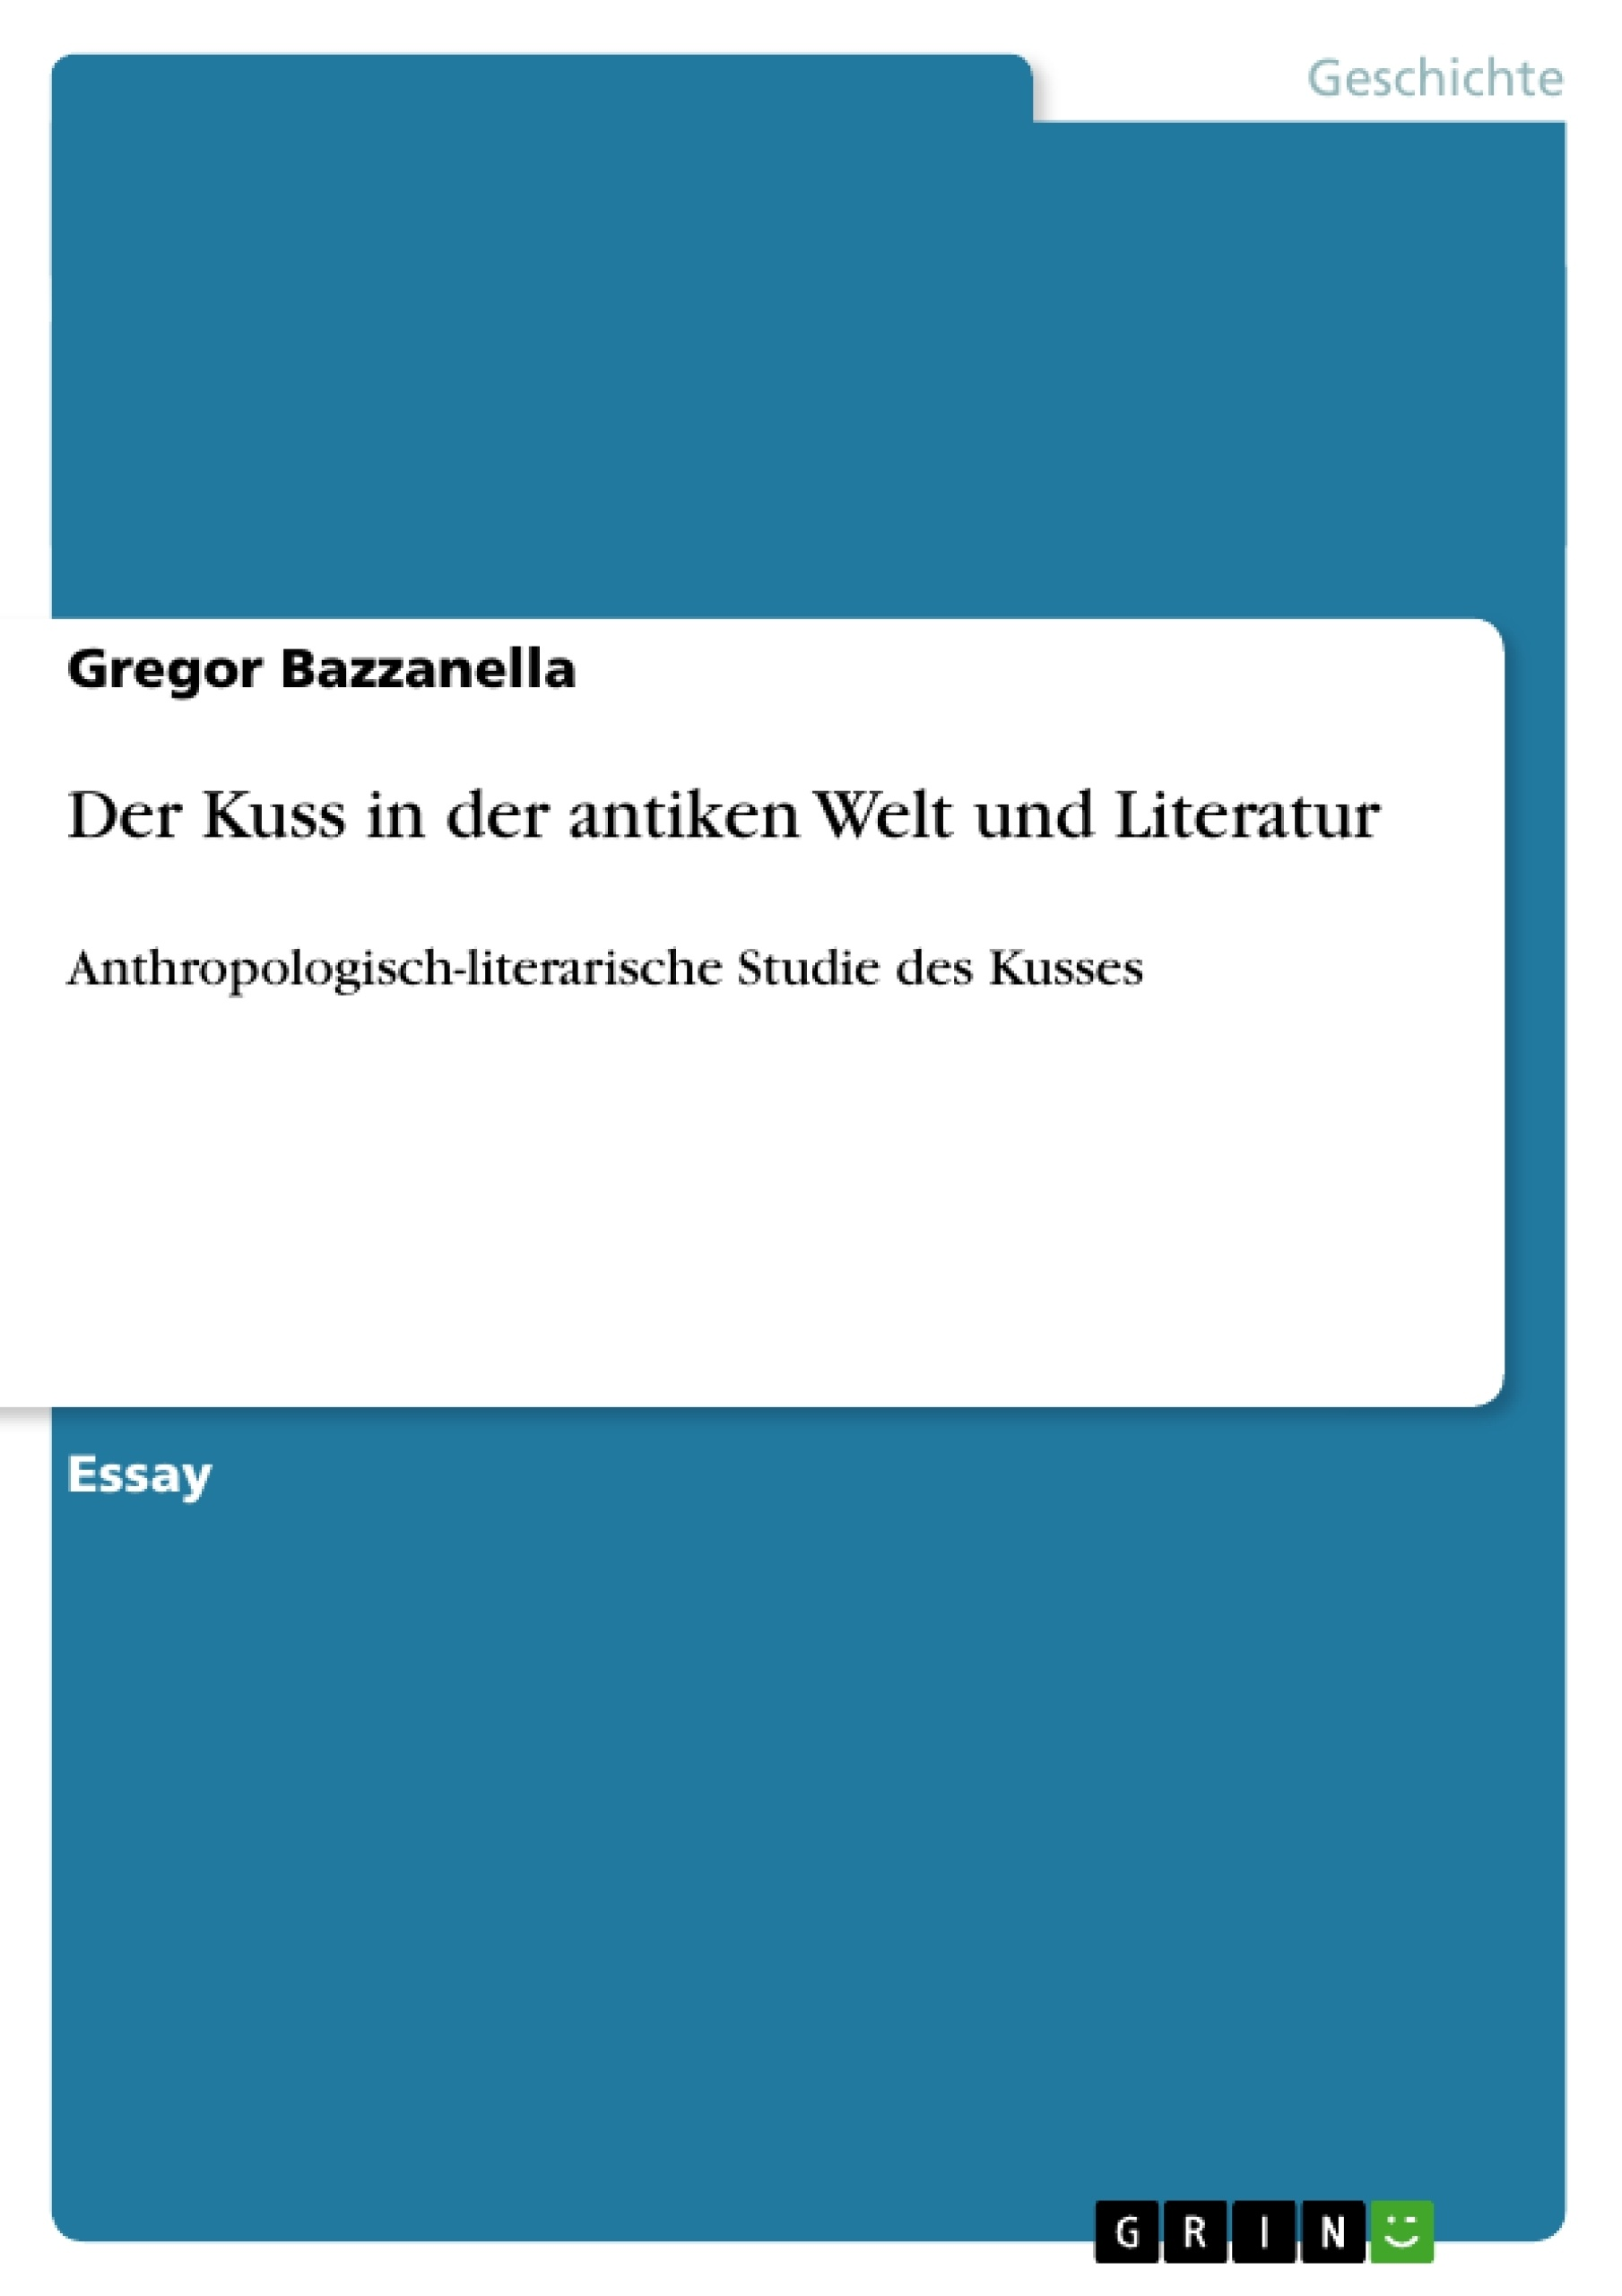 Titel: Der Kuss in der antiken Welt und Literatur